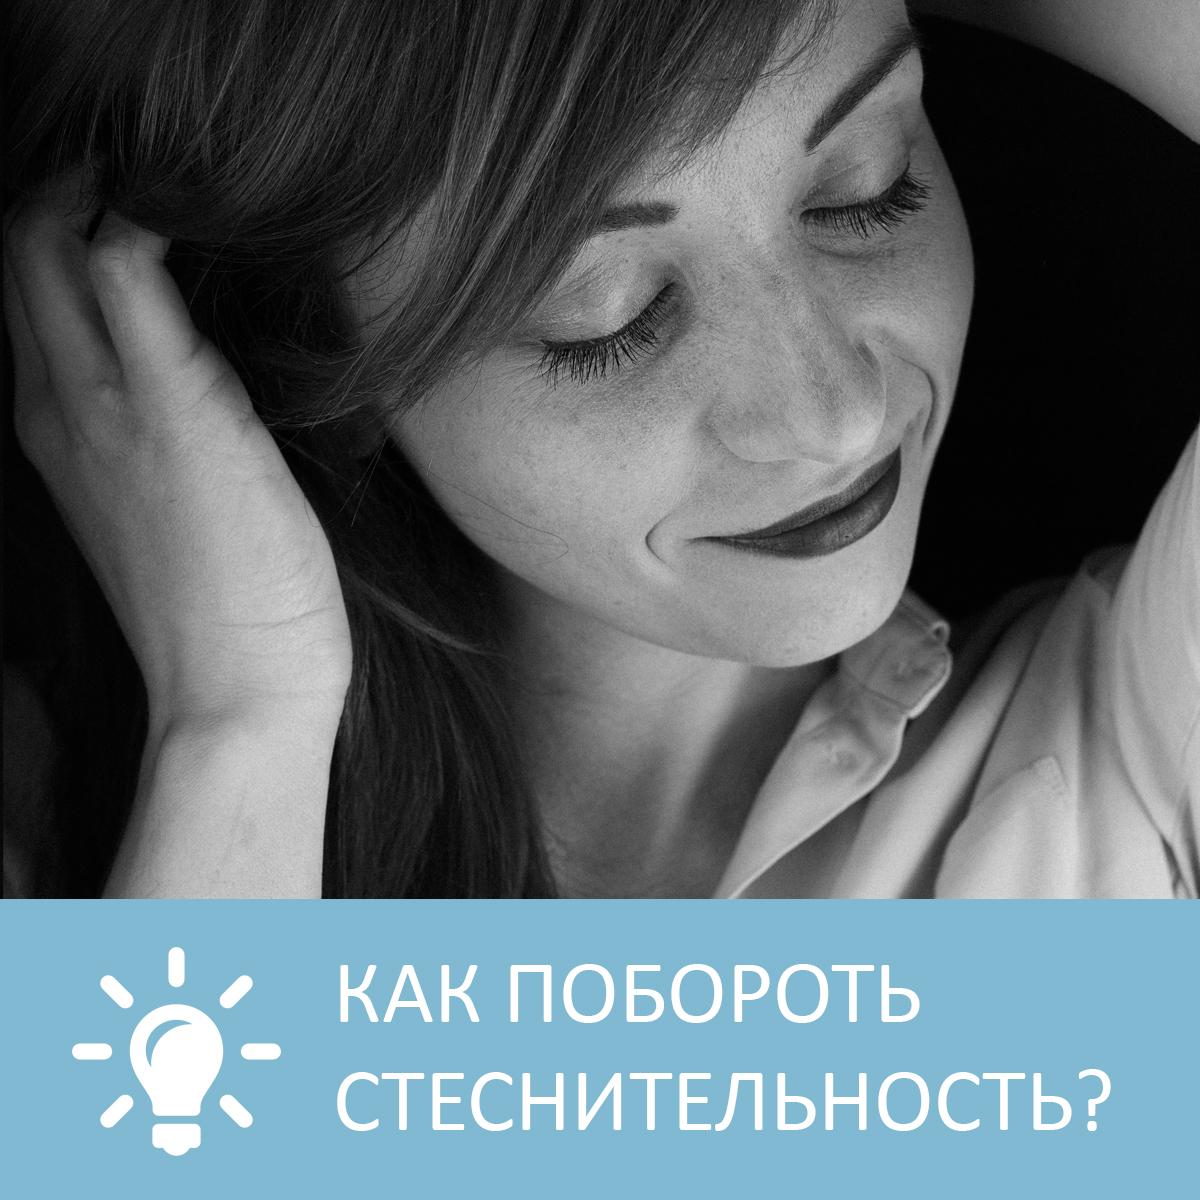 Петровна Как побороть стеснительность